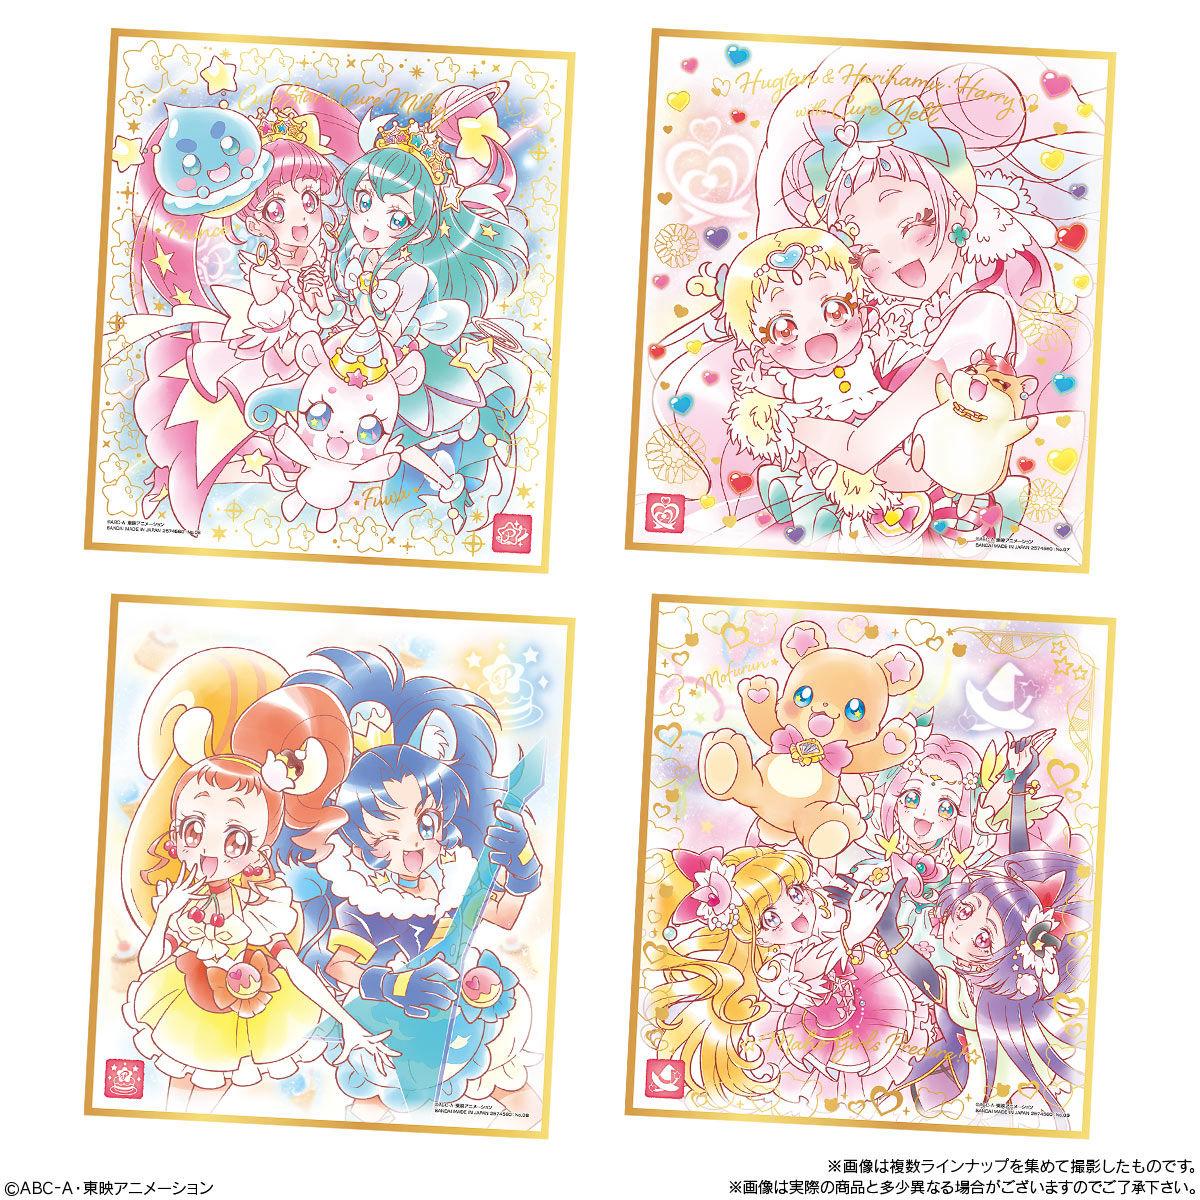 【食玩】プリキュア『プリキュア 色紙ART5』10個入りBOX-004